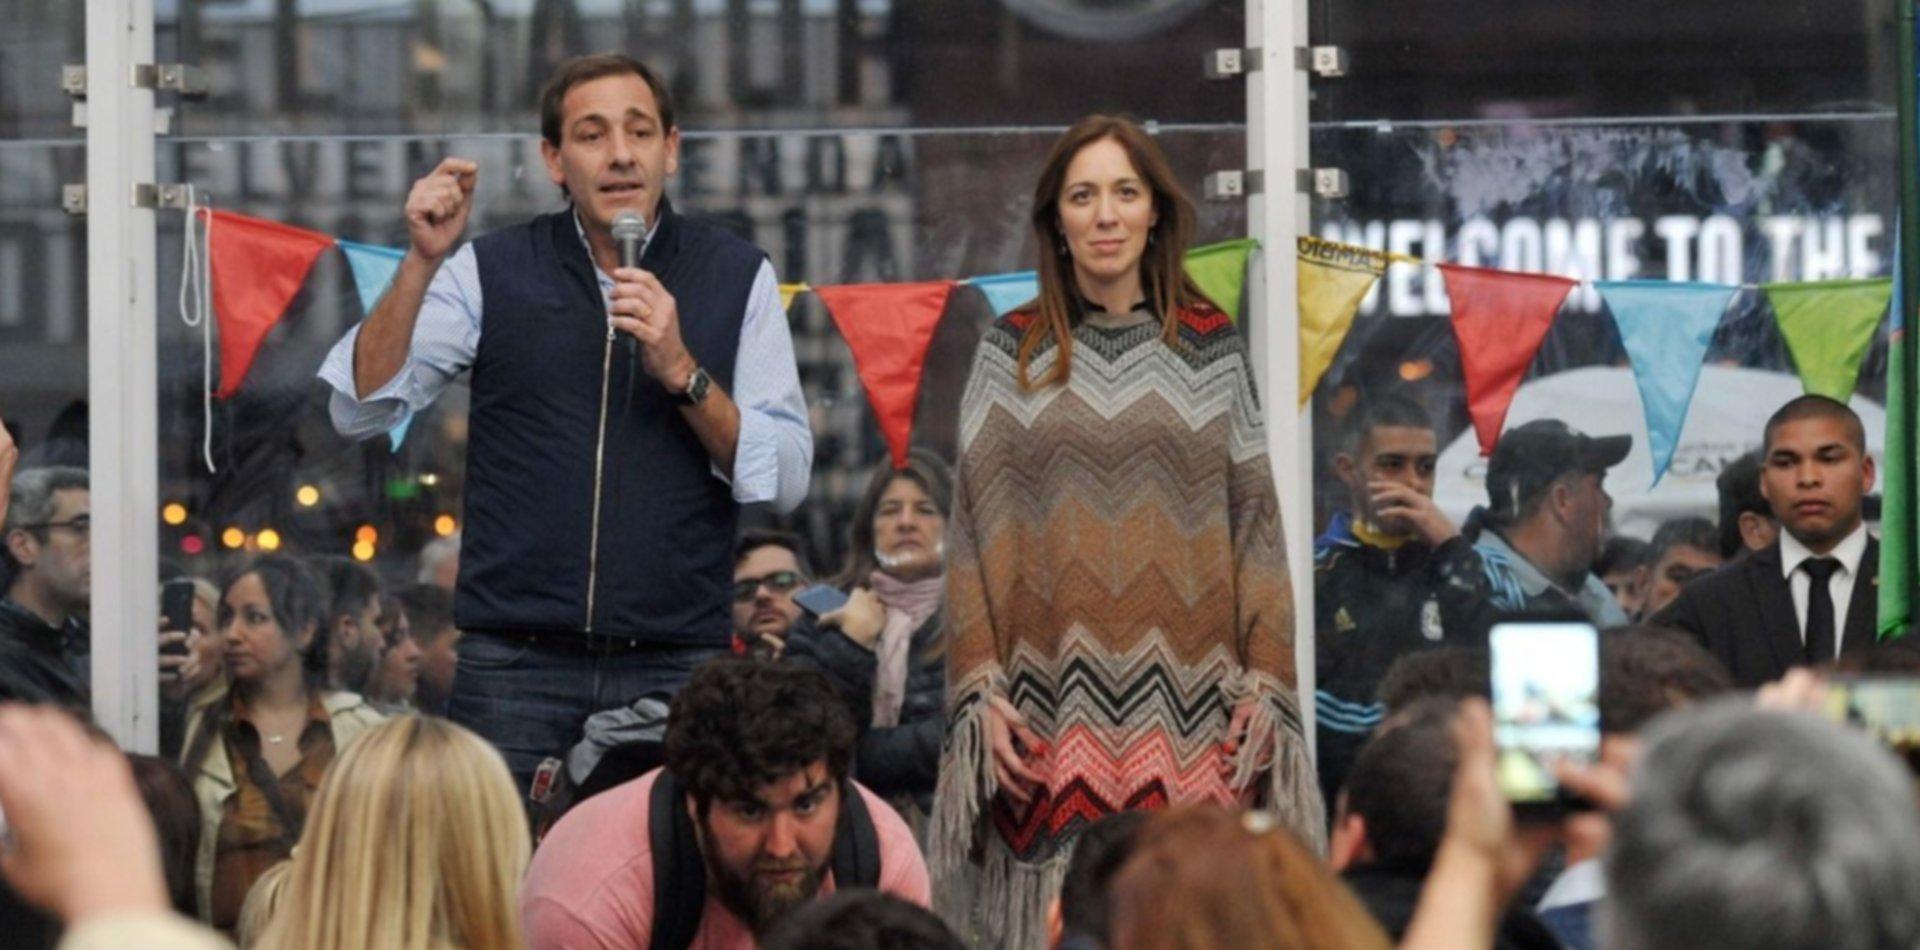 Garro relanzó la campaña con un acto y una caminata junto a la gobernadora Vidal